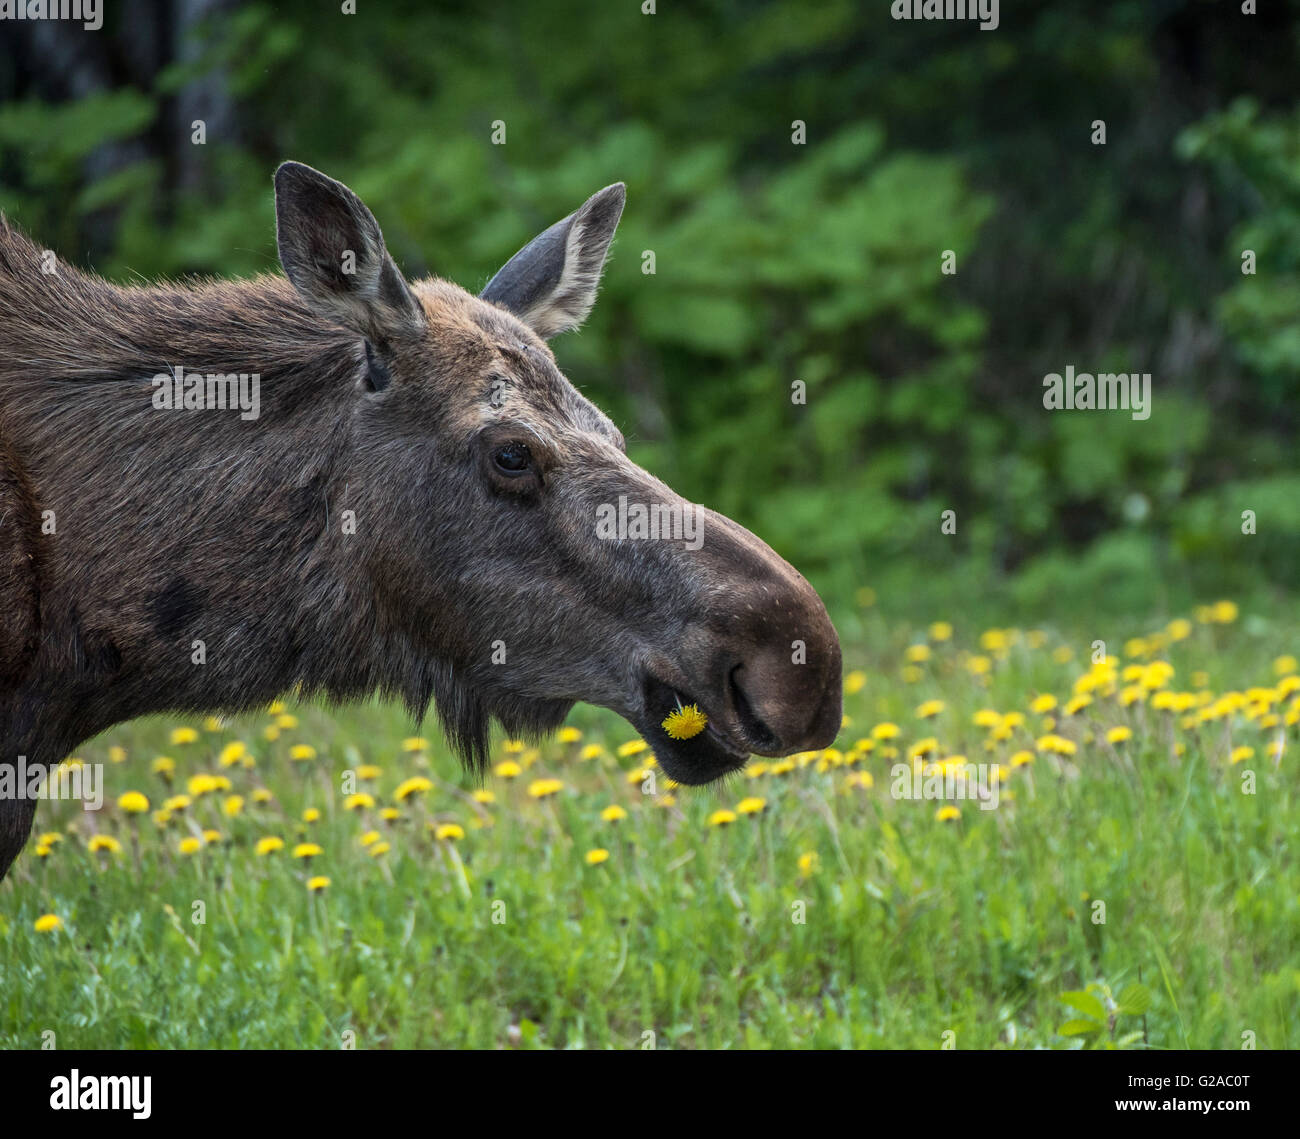 Kuh Elch Essen Löwenzahn Stockbild